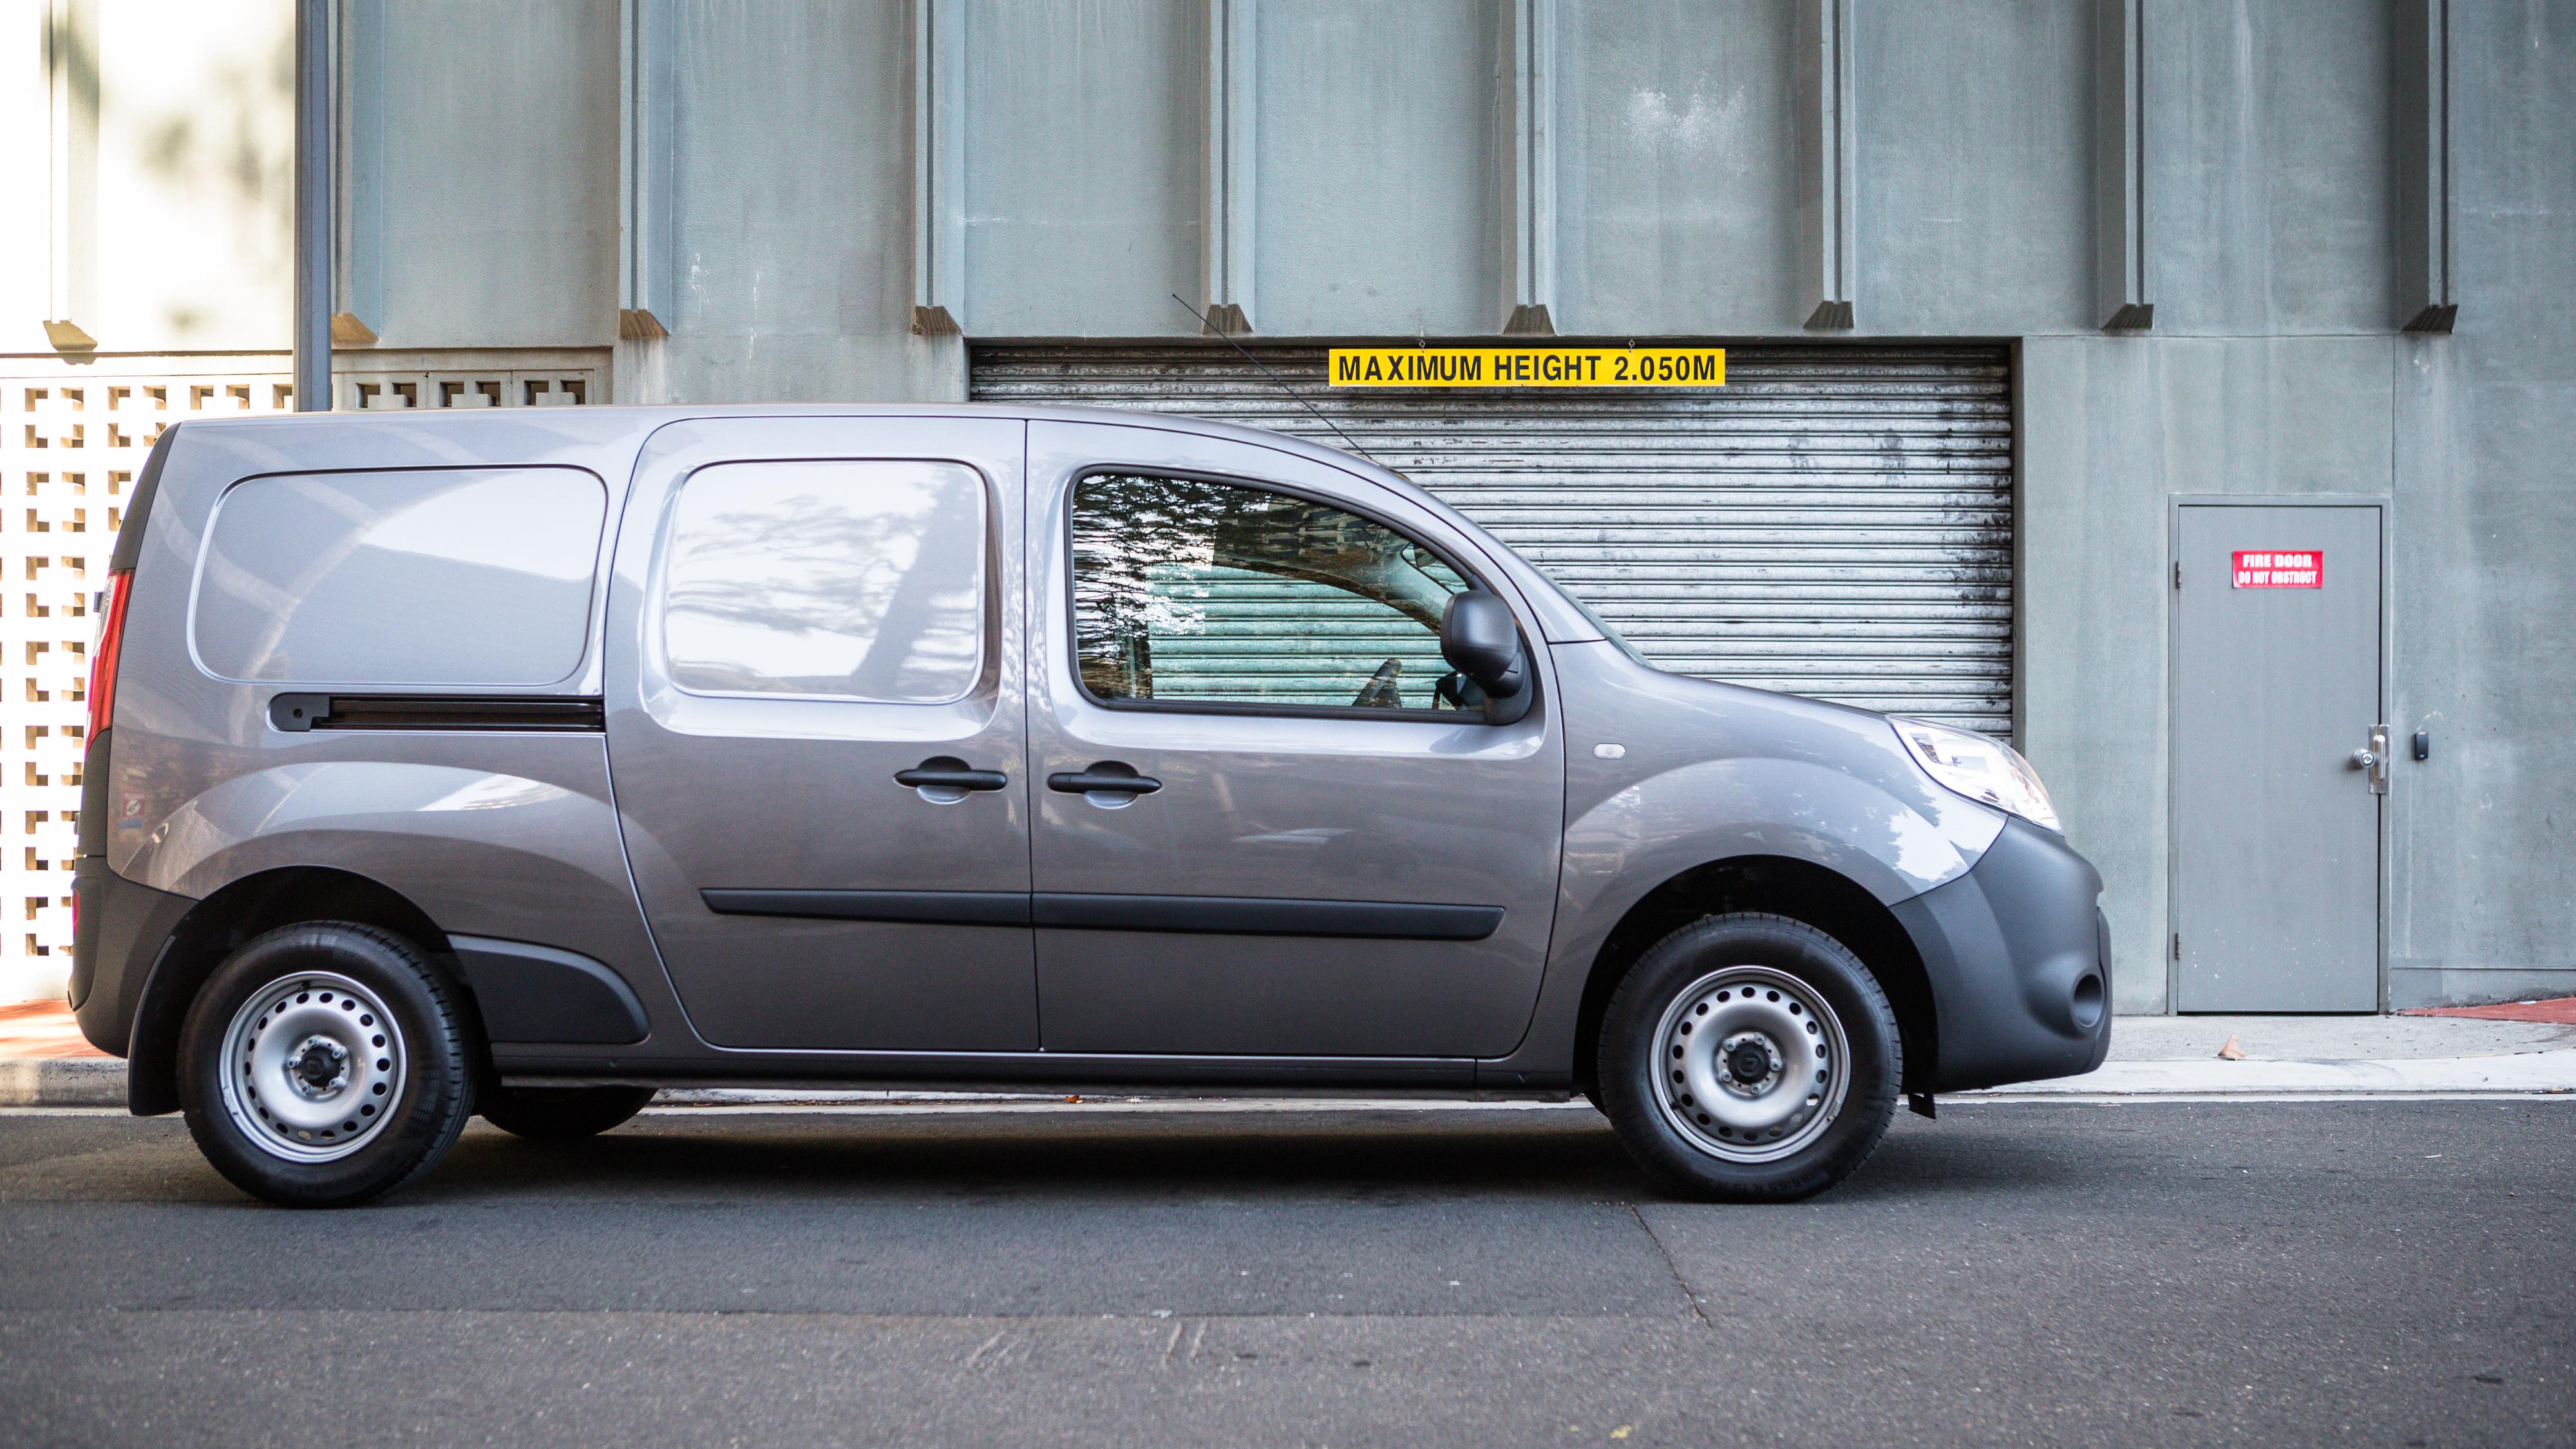 2018 Renault Kangoo Maxi EDC review | CarAdvice